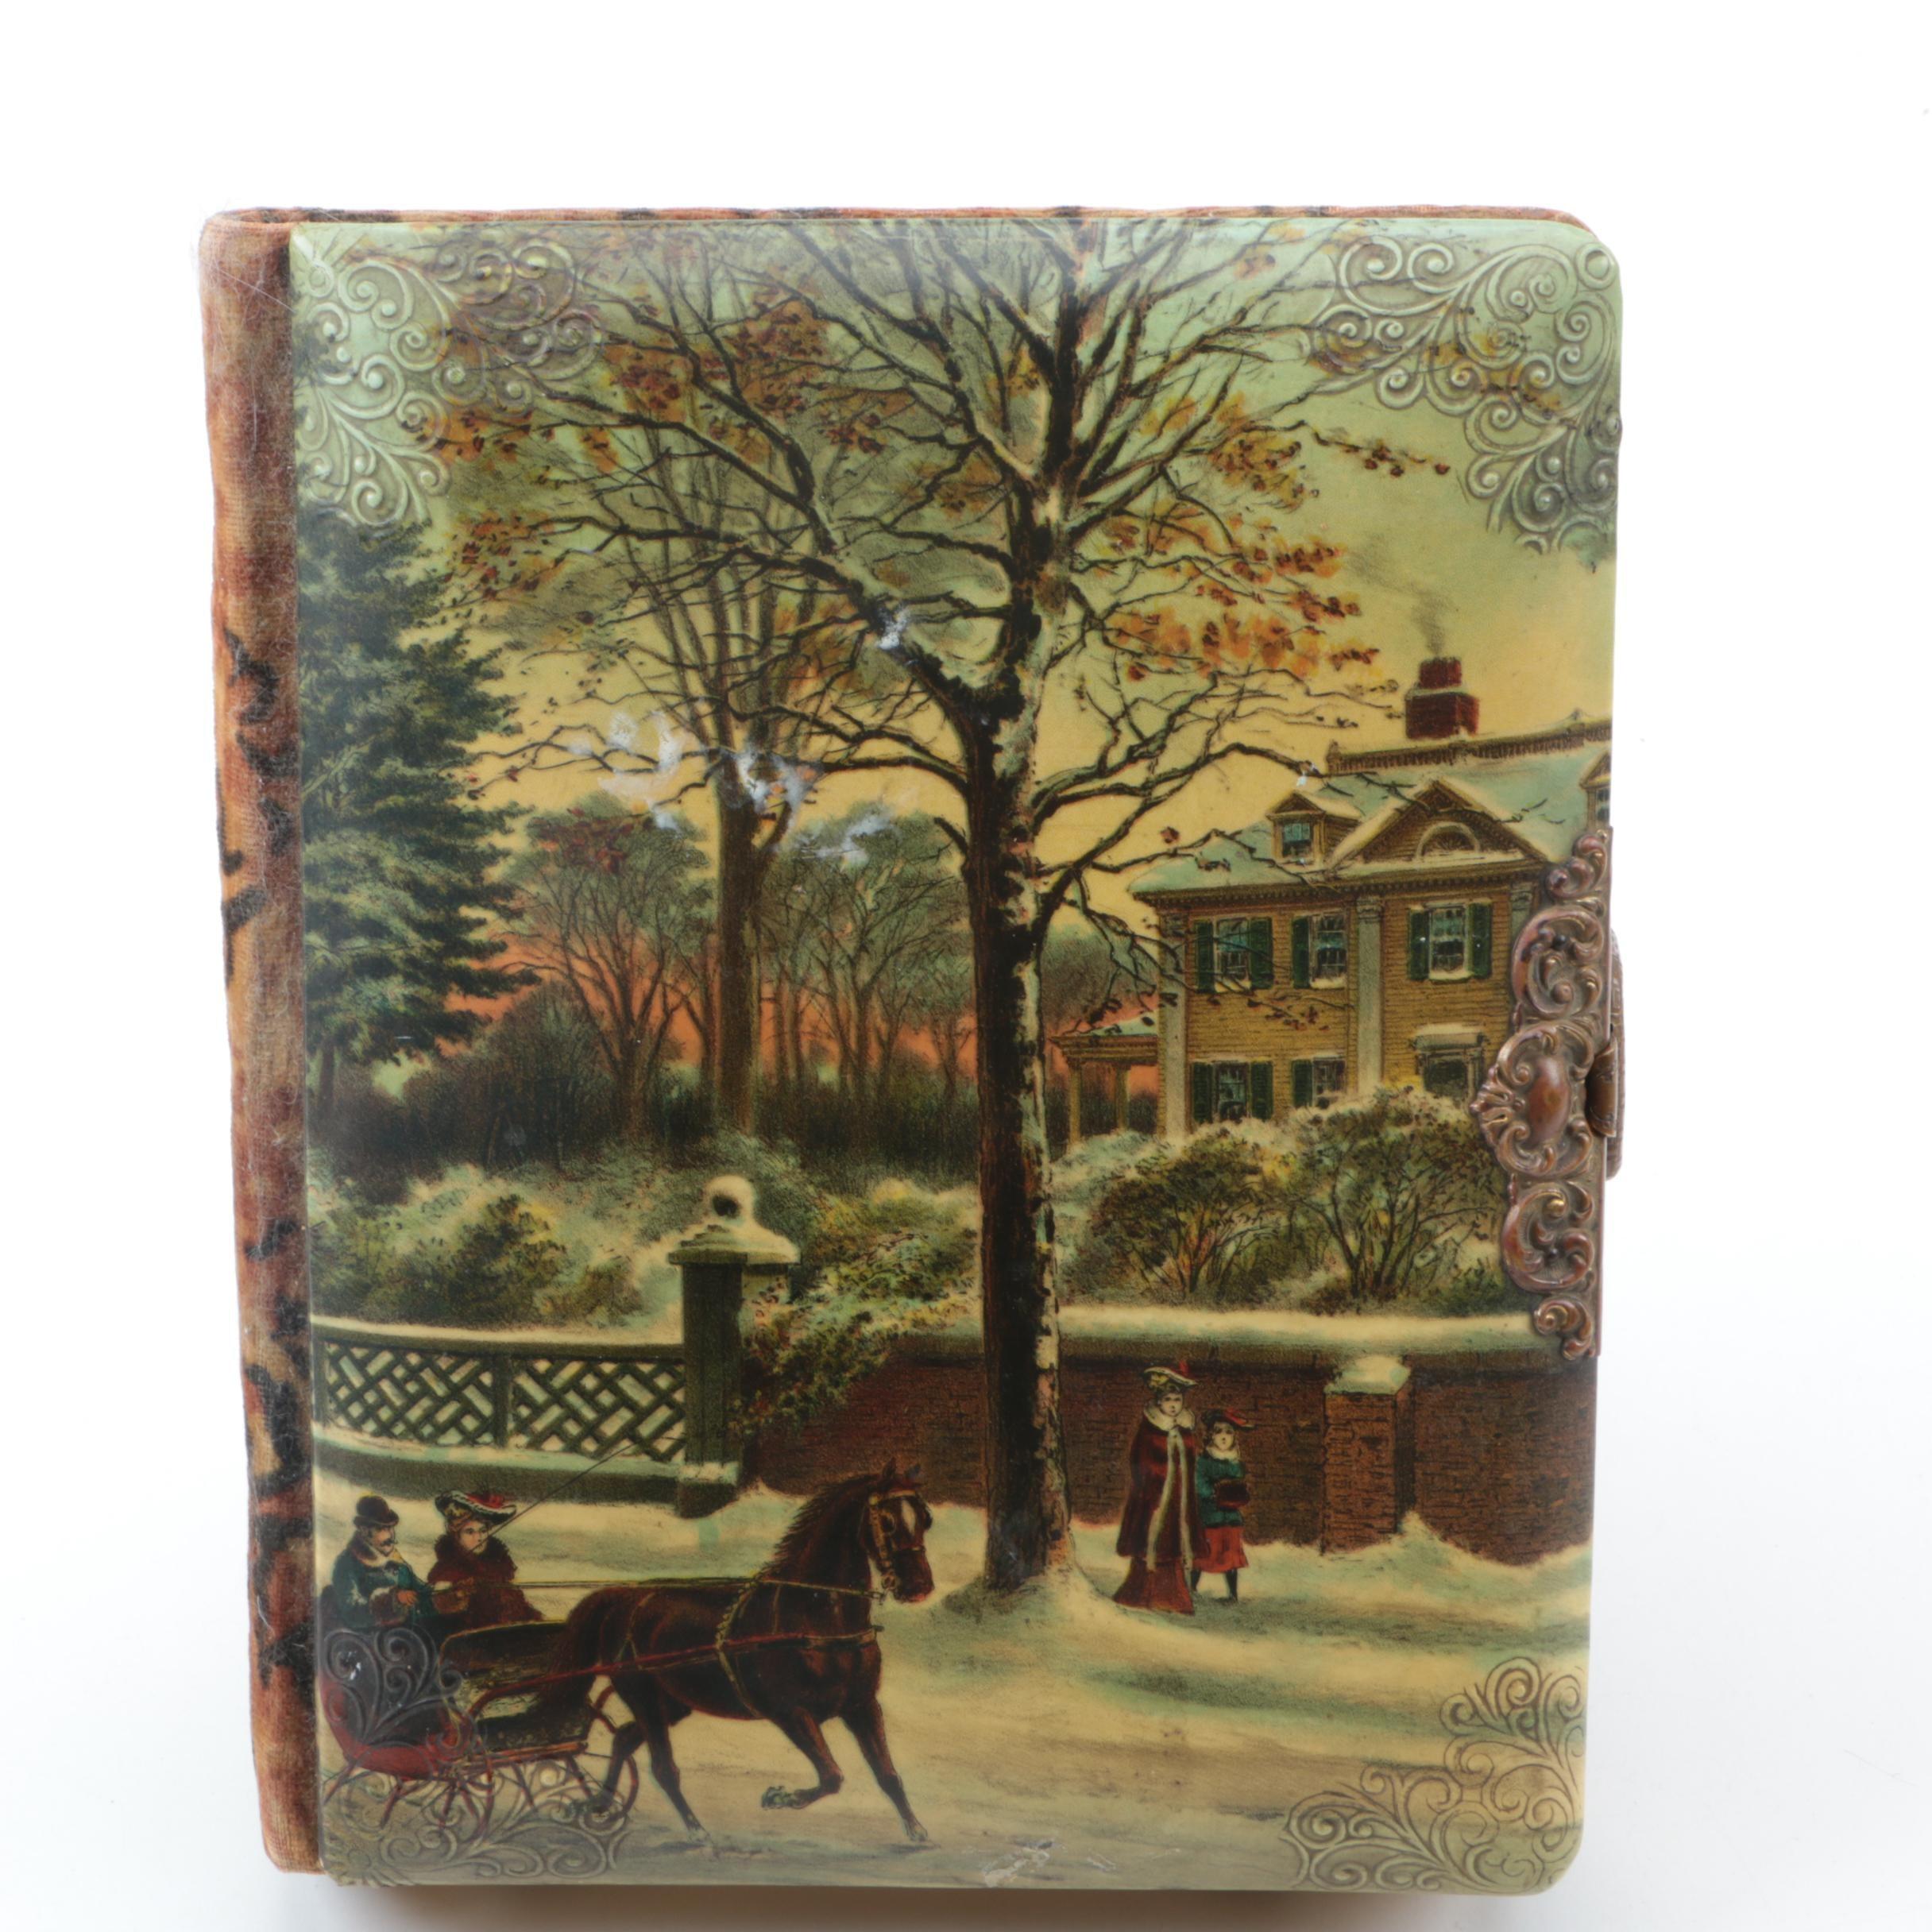 Antique Photograph Album